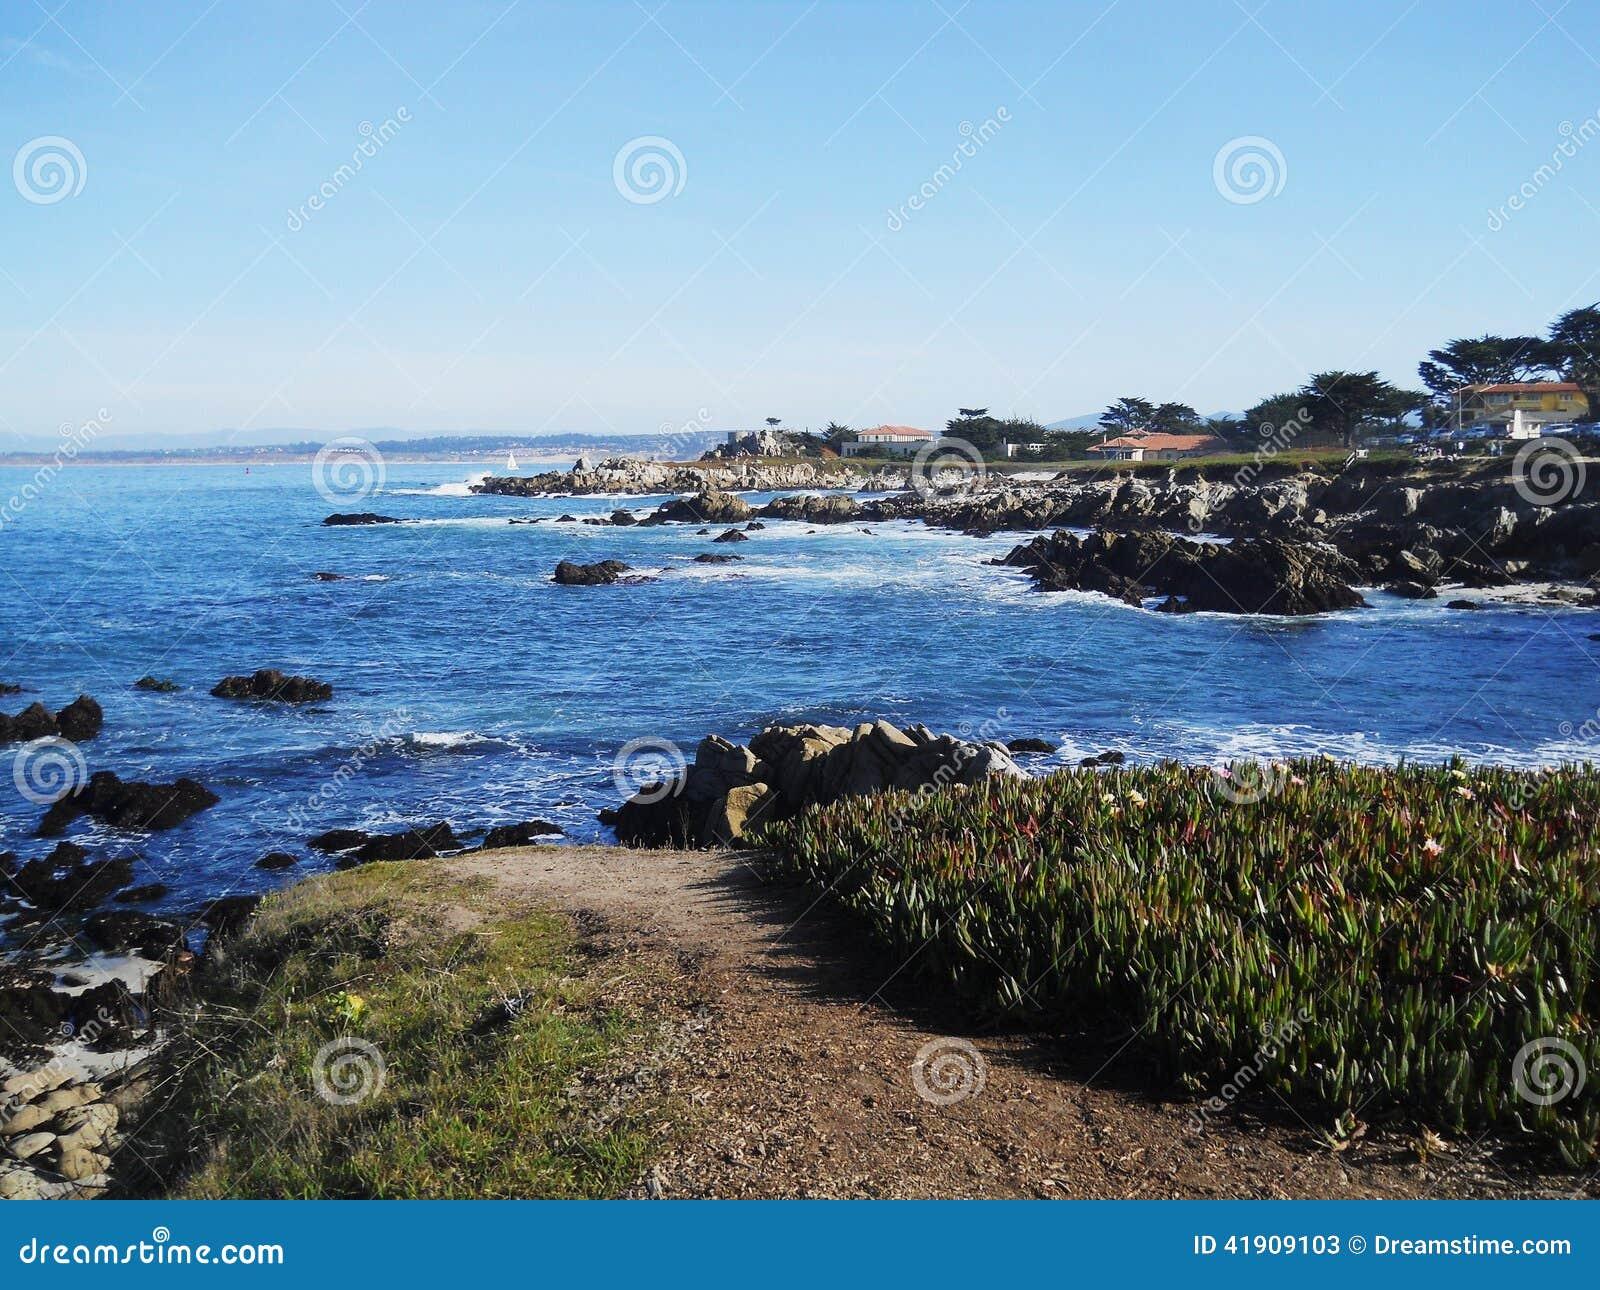 Azul del paseo marítimo de la playa del carmel del océano